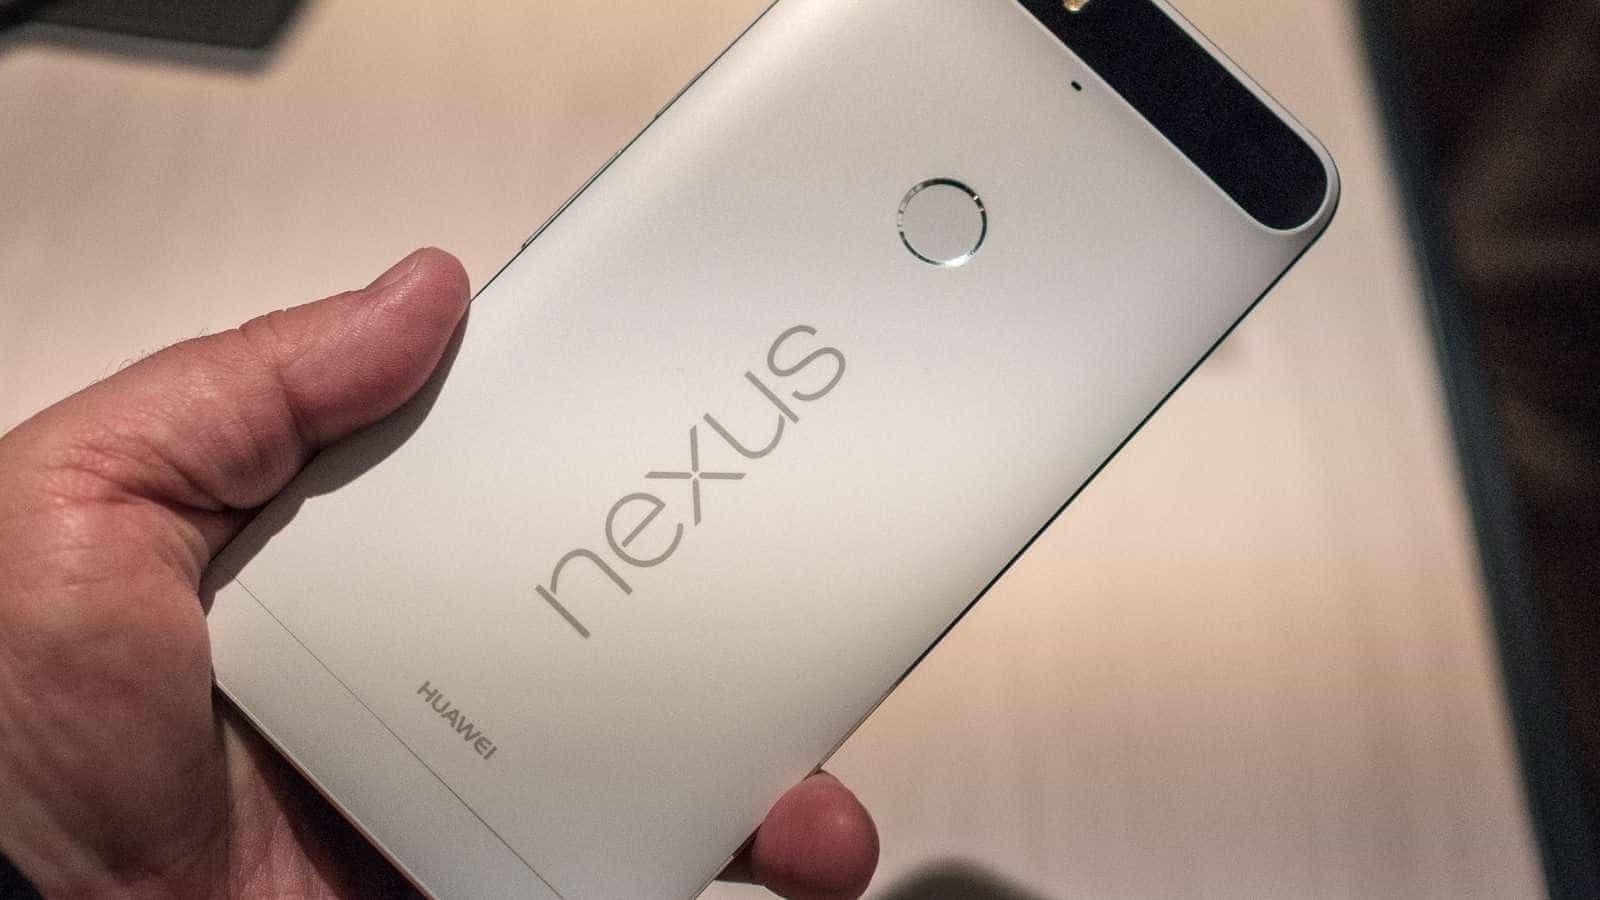 Se procura alternativa ao Galaxy Note 7, estes são os candidatos